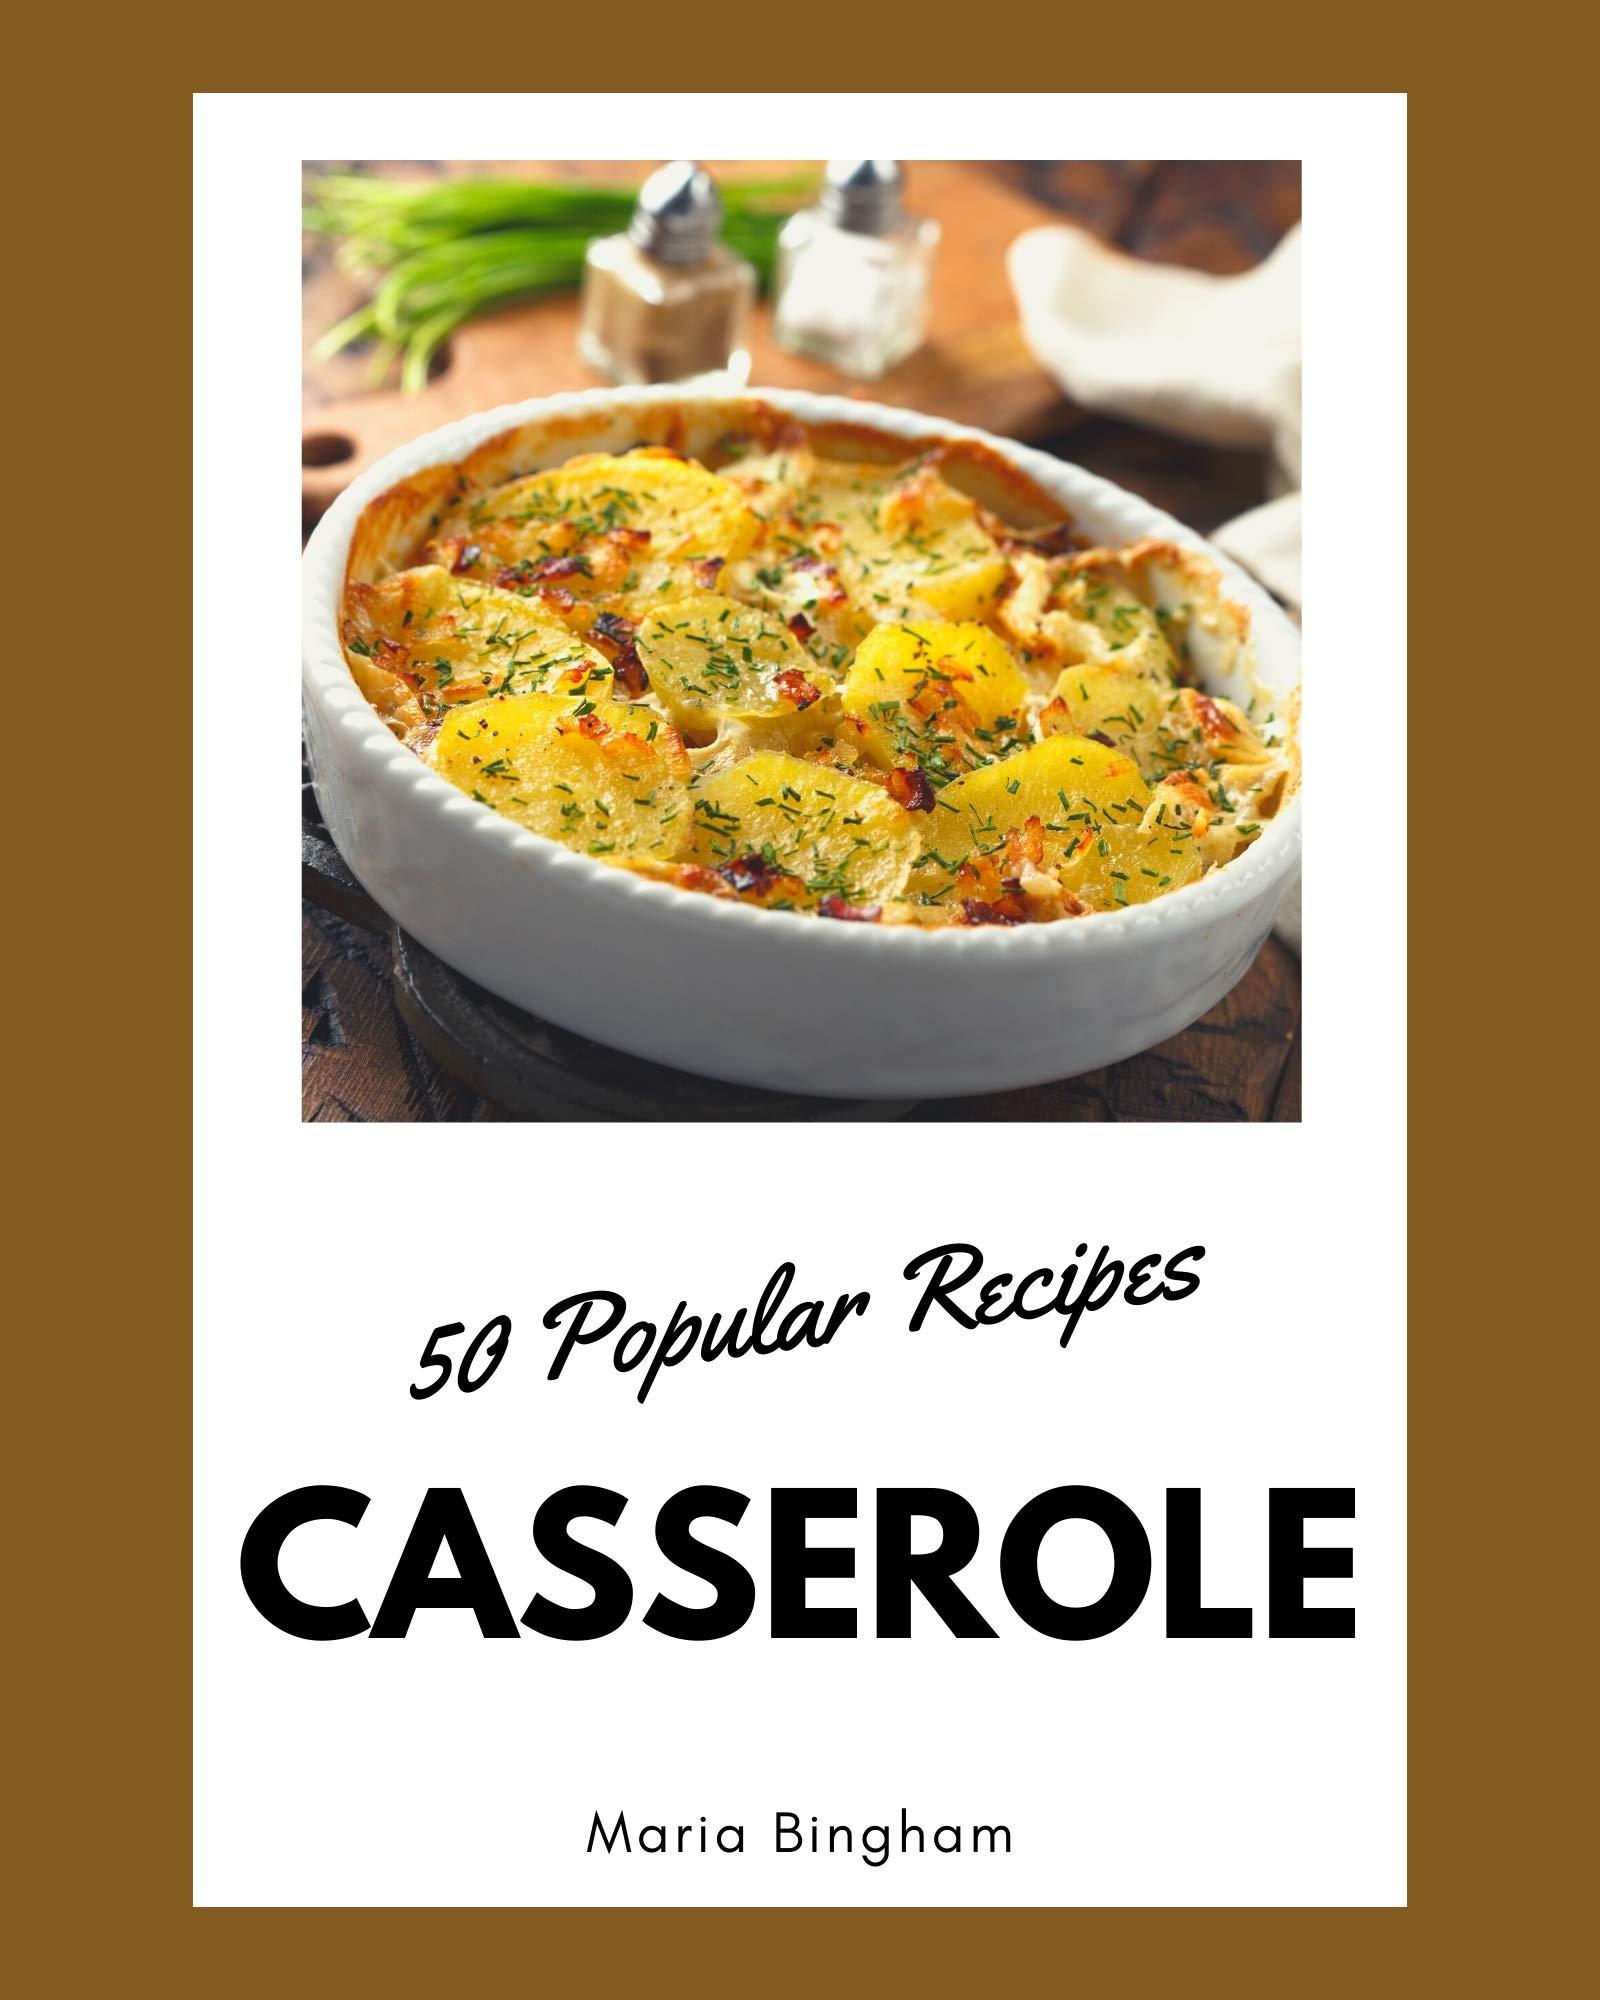 50 Popular Casserole Recipes: A One-of-a-kind Casserole Cookbook